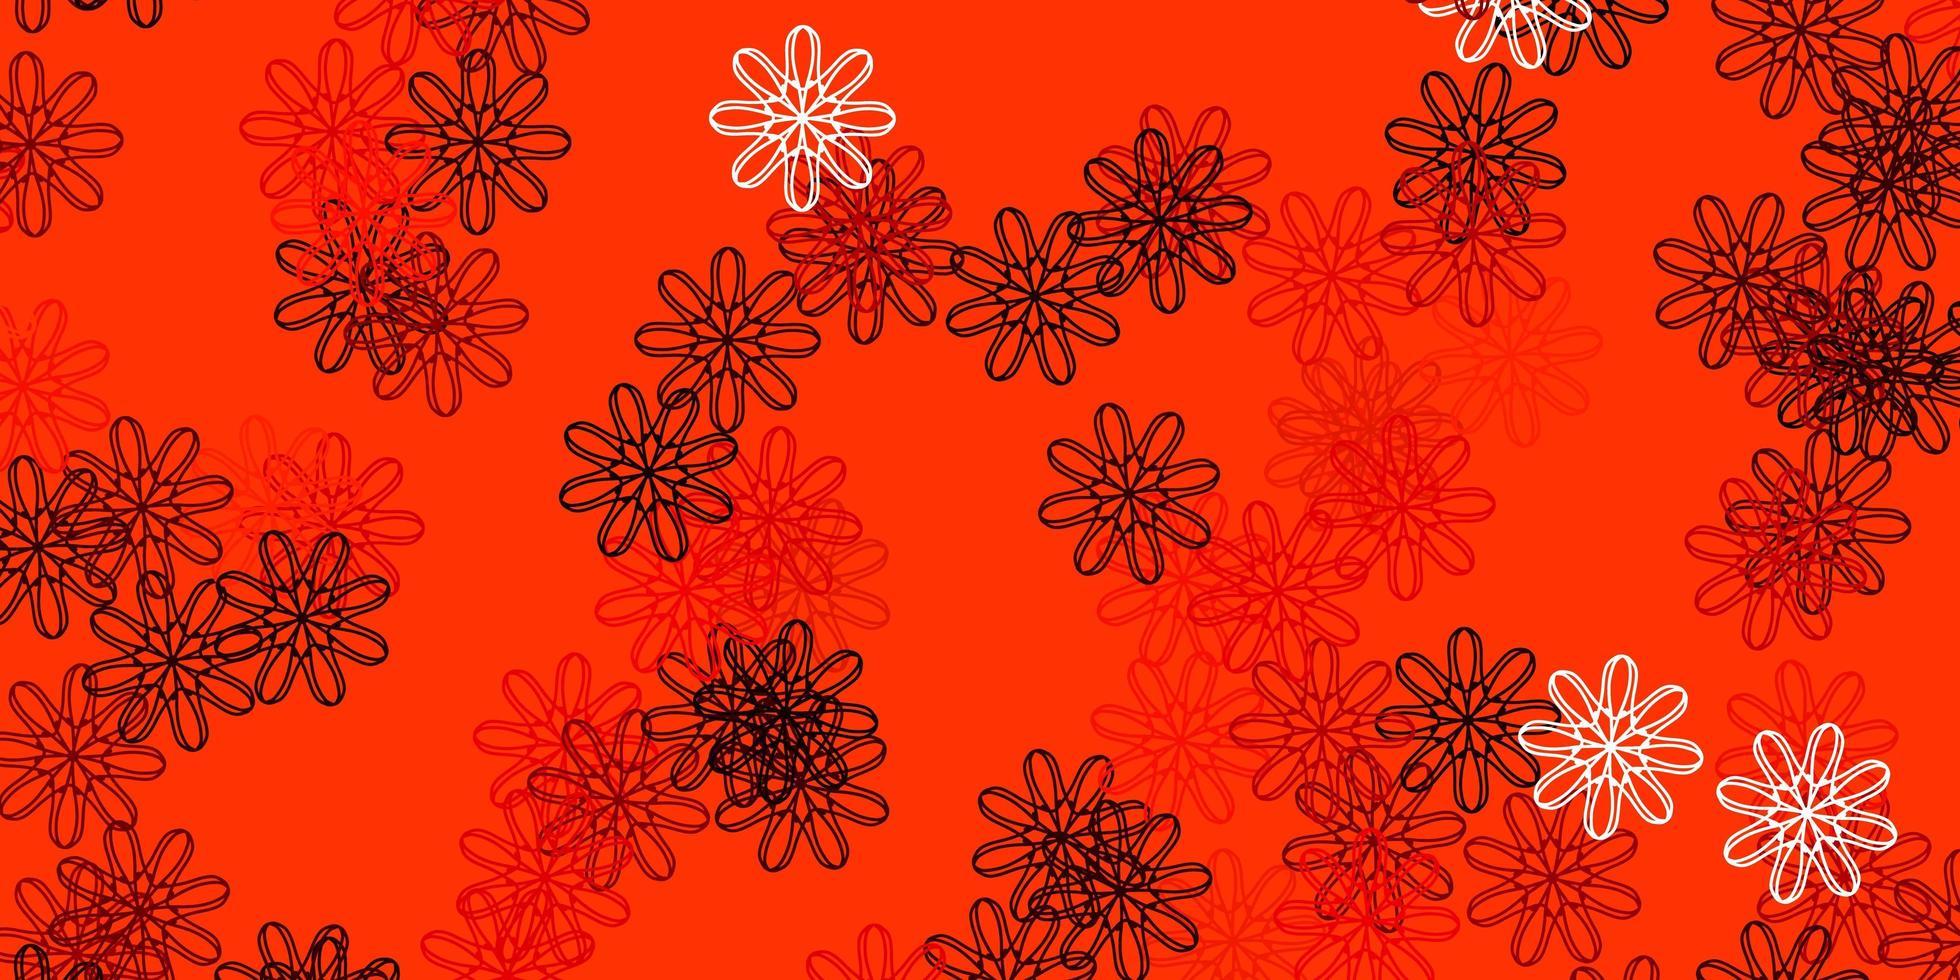 ljus orange vektor naturlig layout med blommor.